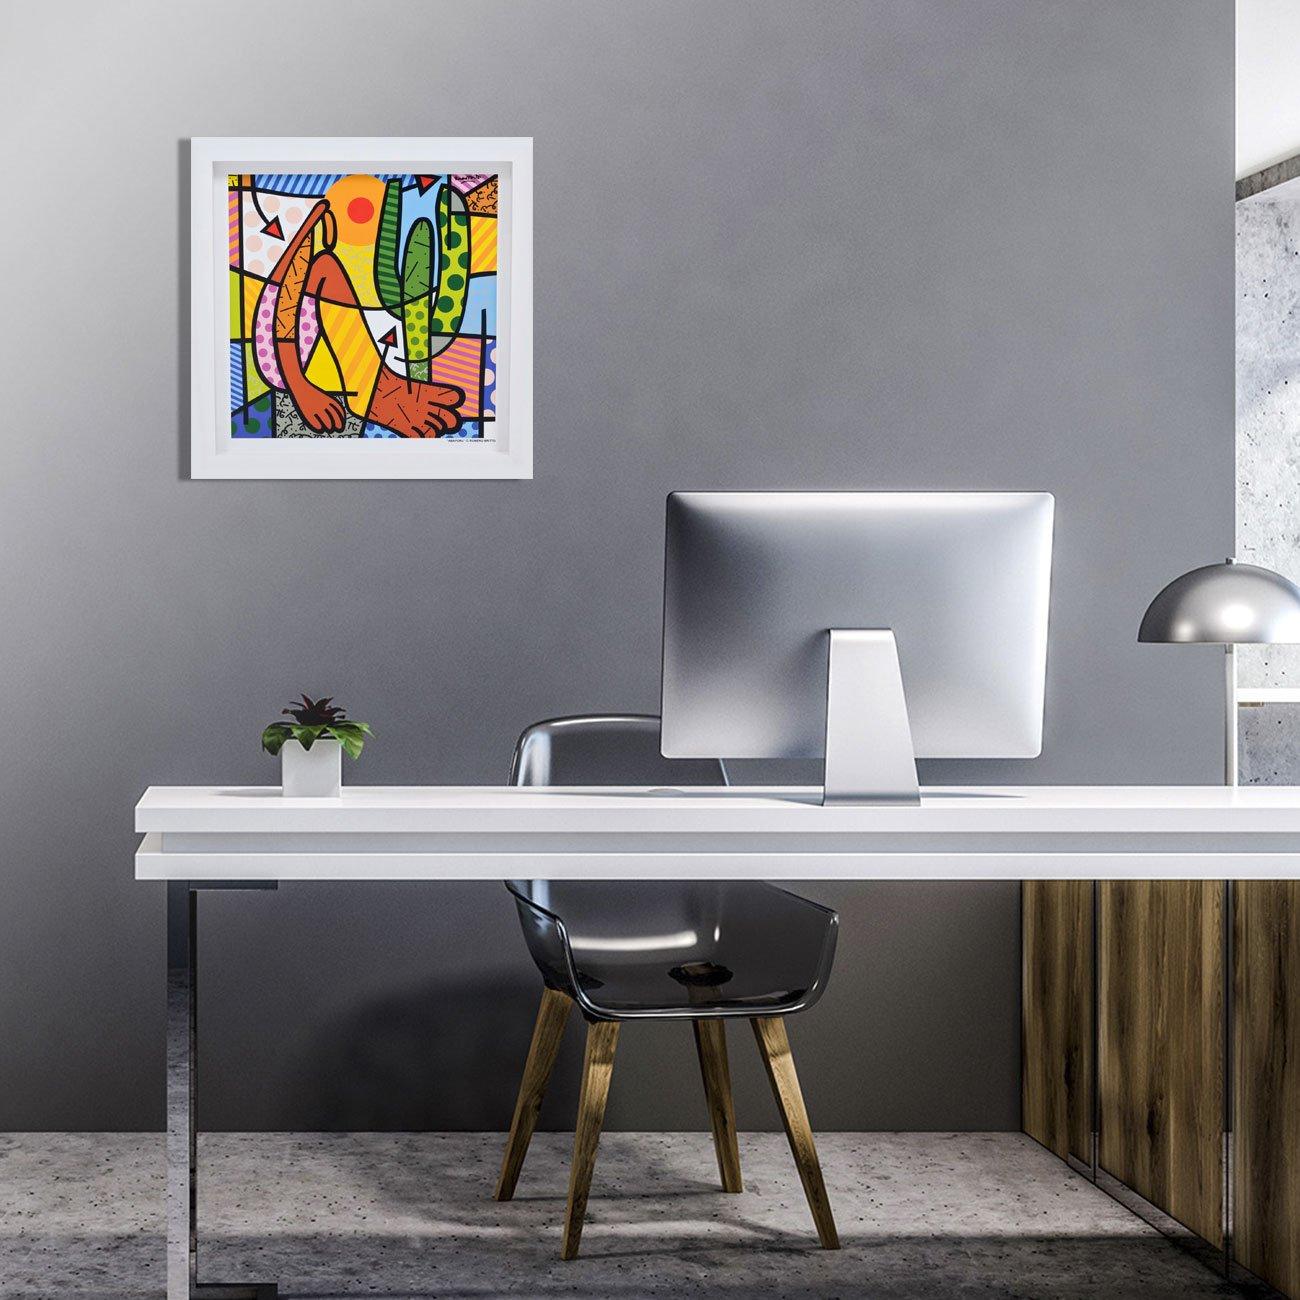 Quadro Decorativo Arte Abaporu Romero Britto 35x35 cm